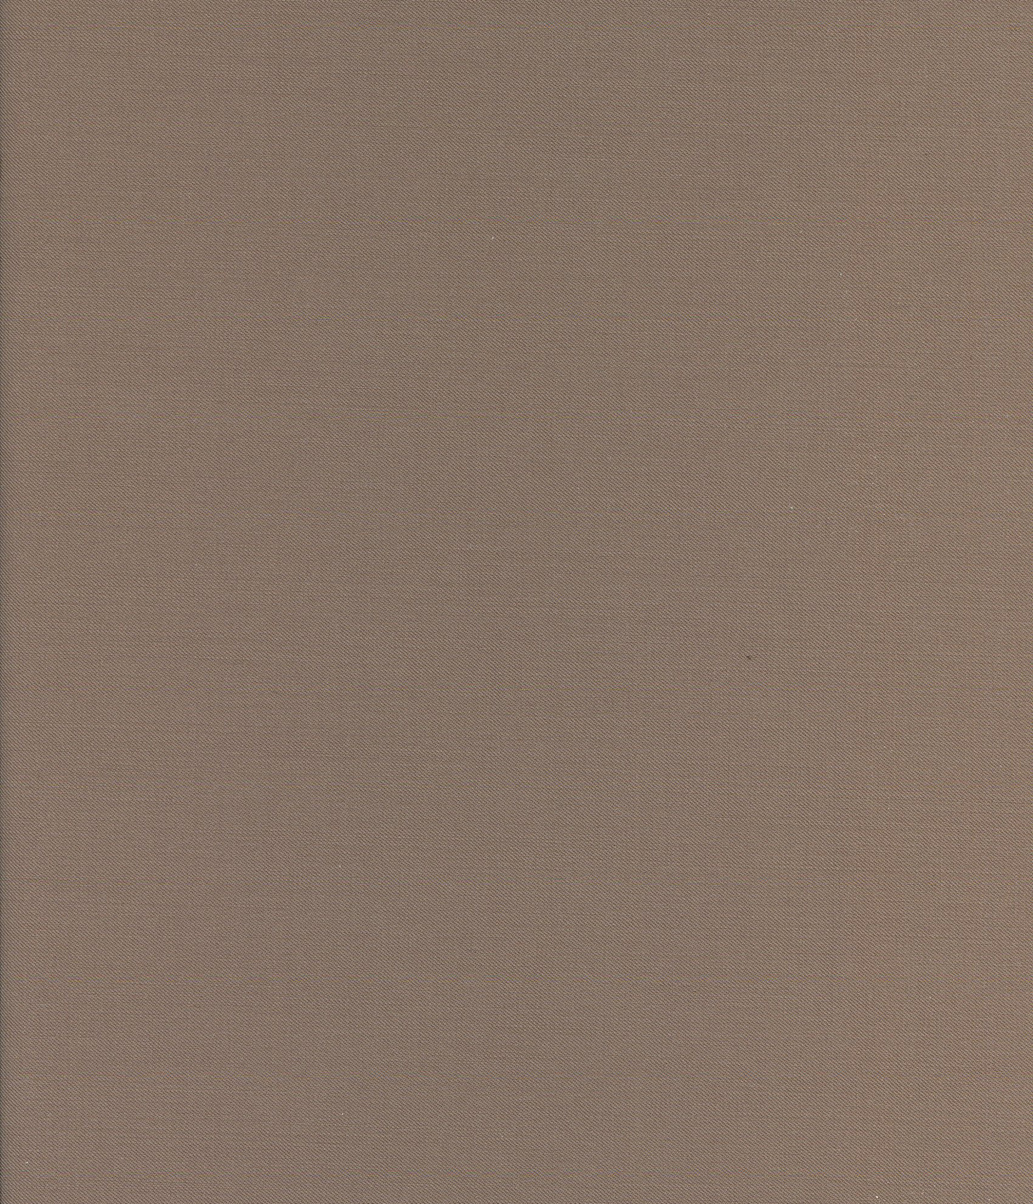 tissu laine polyester et lasthanne vendu au m tre coloris uni chocolat. Black Bedroom Furniture Sets. Home Design Ideas